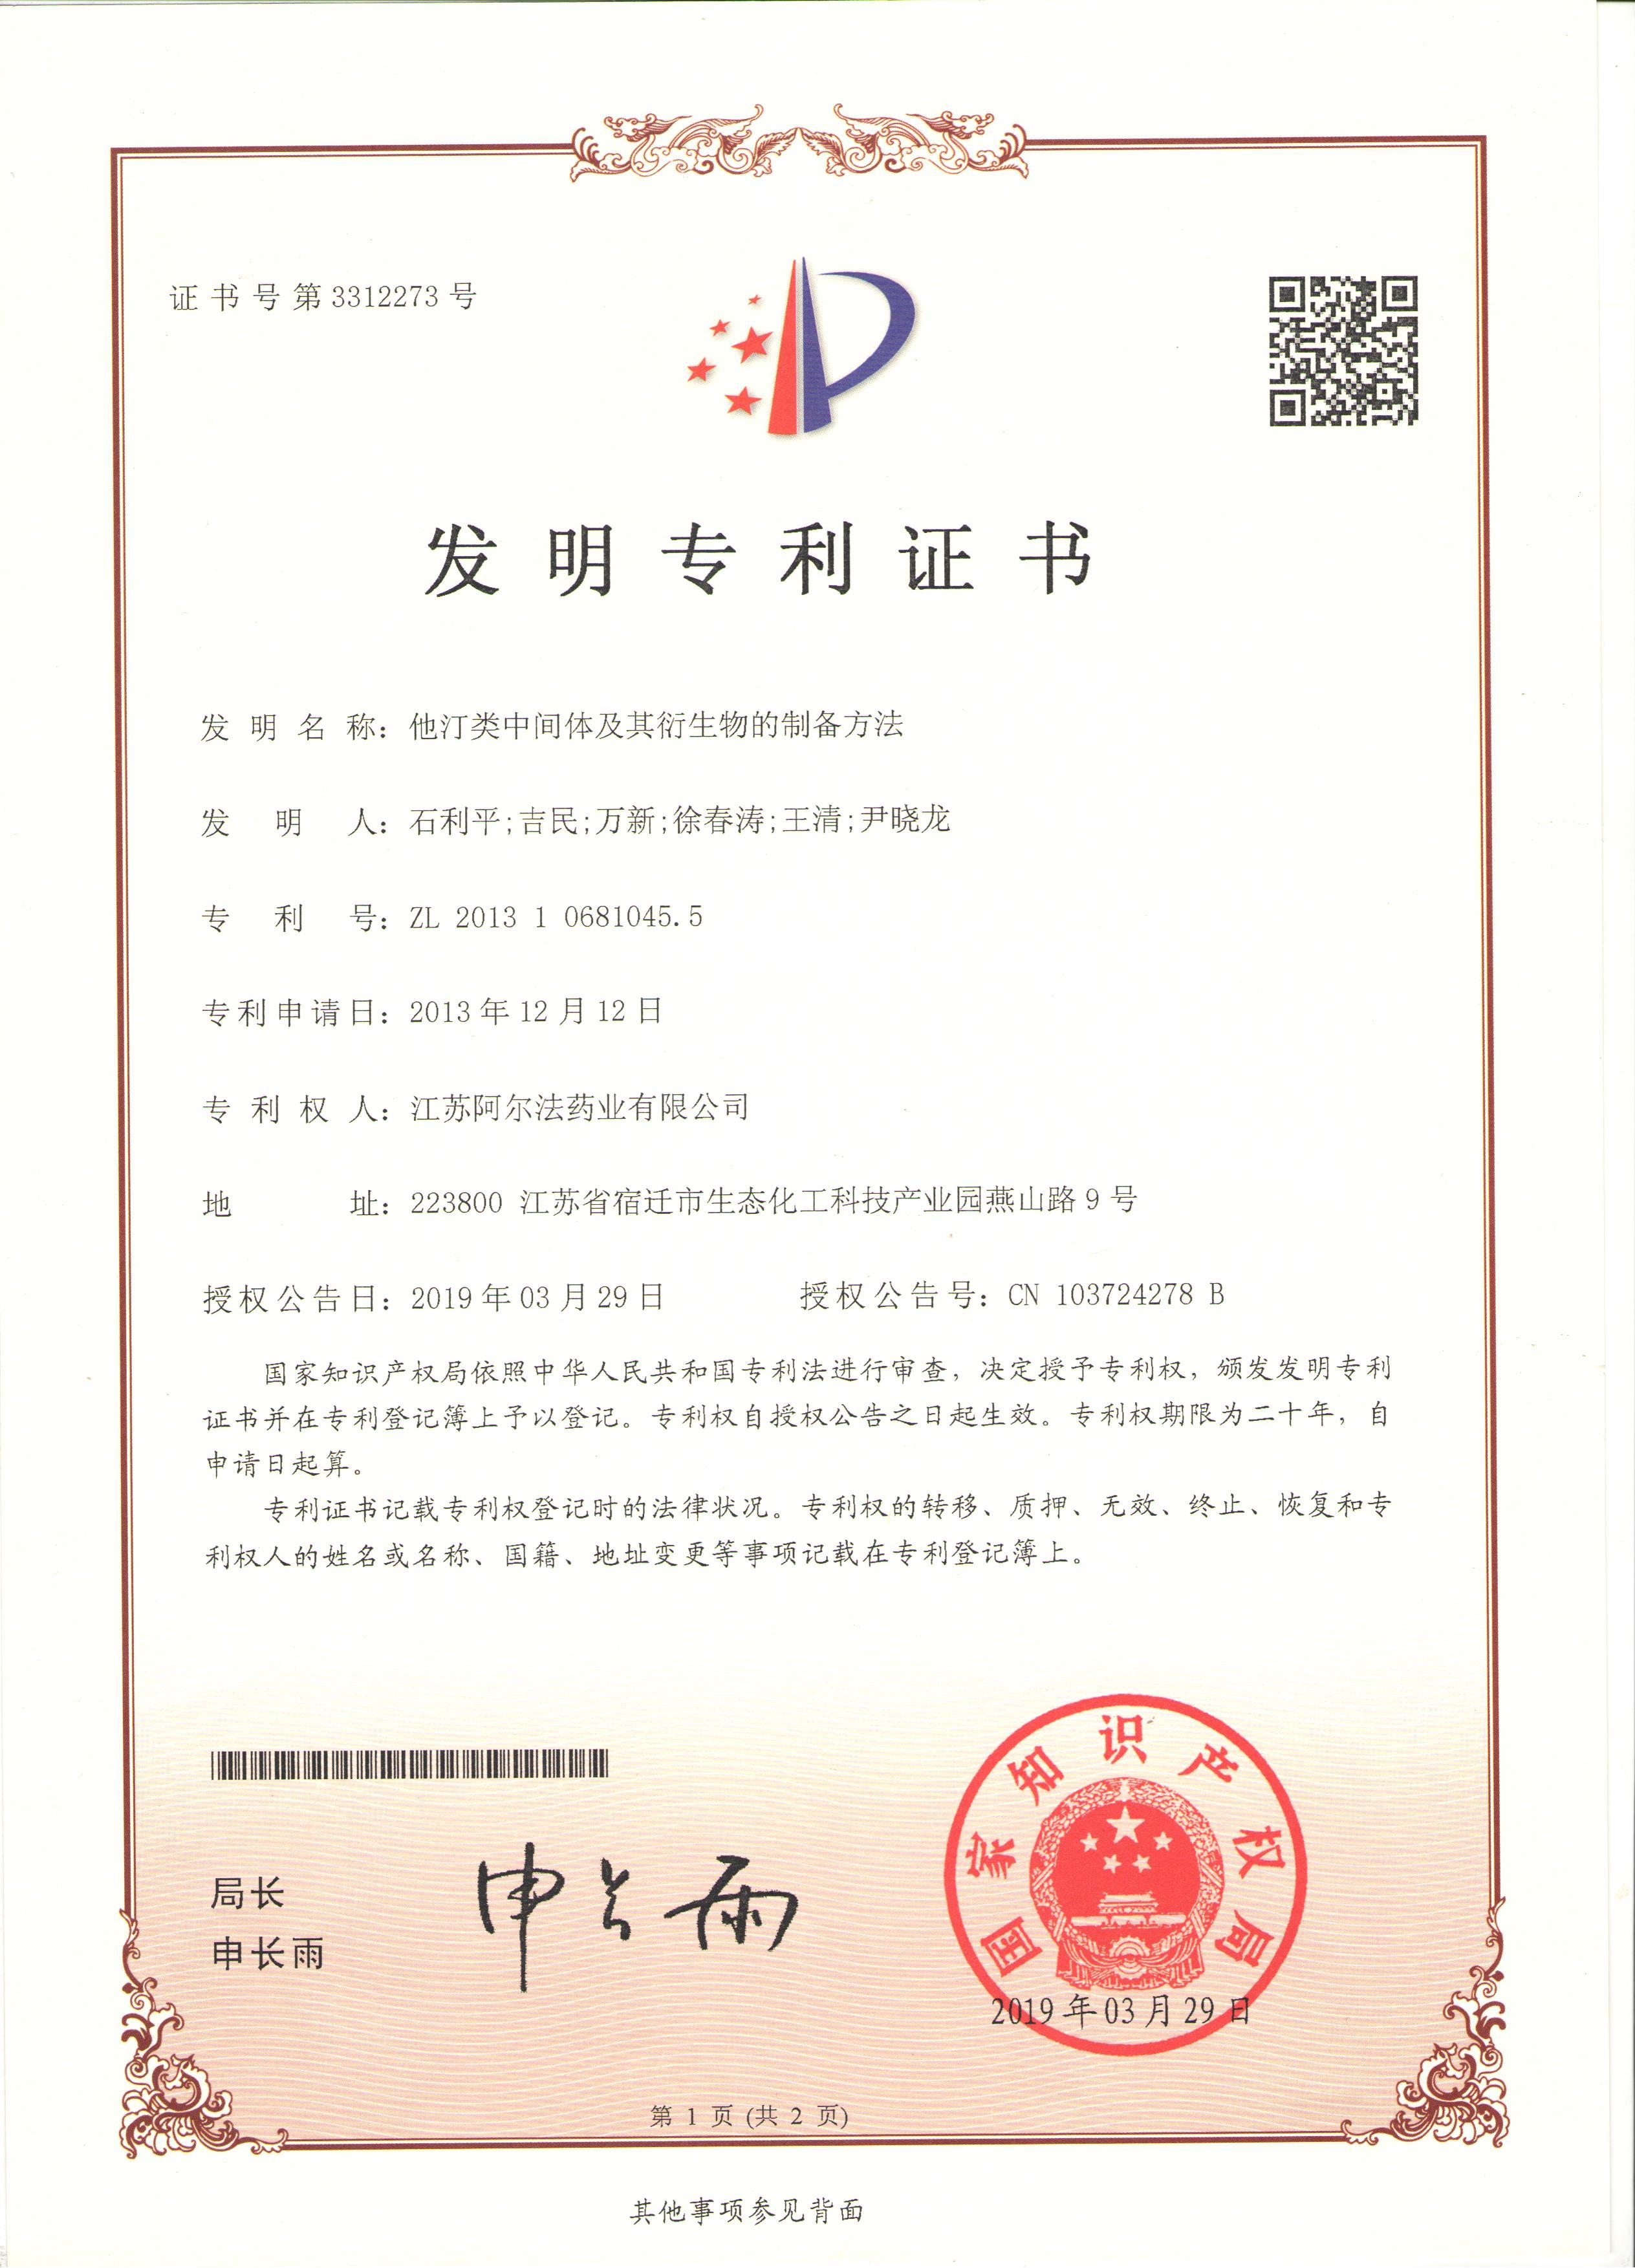 榮譽-專利-26.他汀類中間體及其衍生物的制備方法